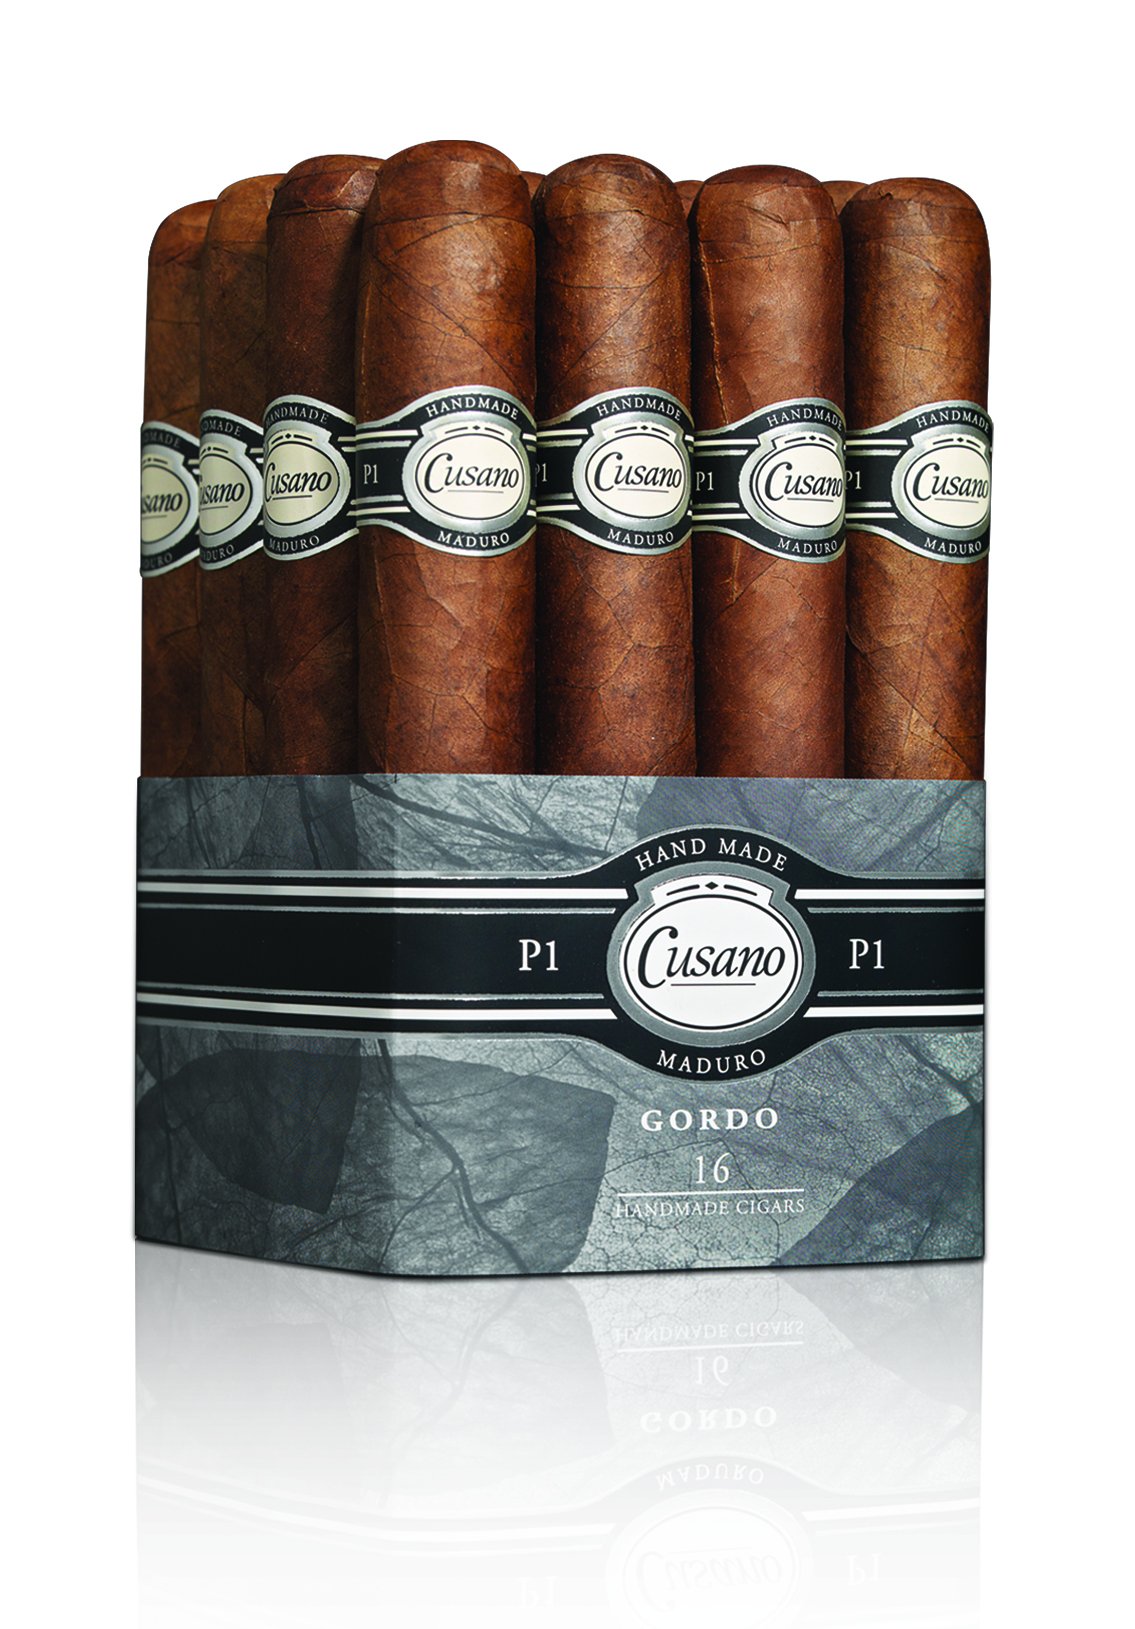 Cusano P1 Maduro cigar bundle